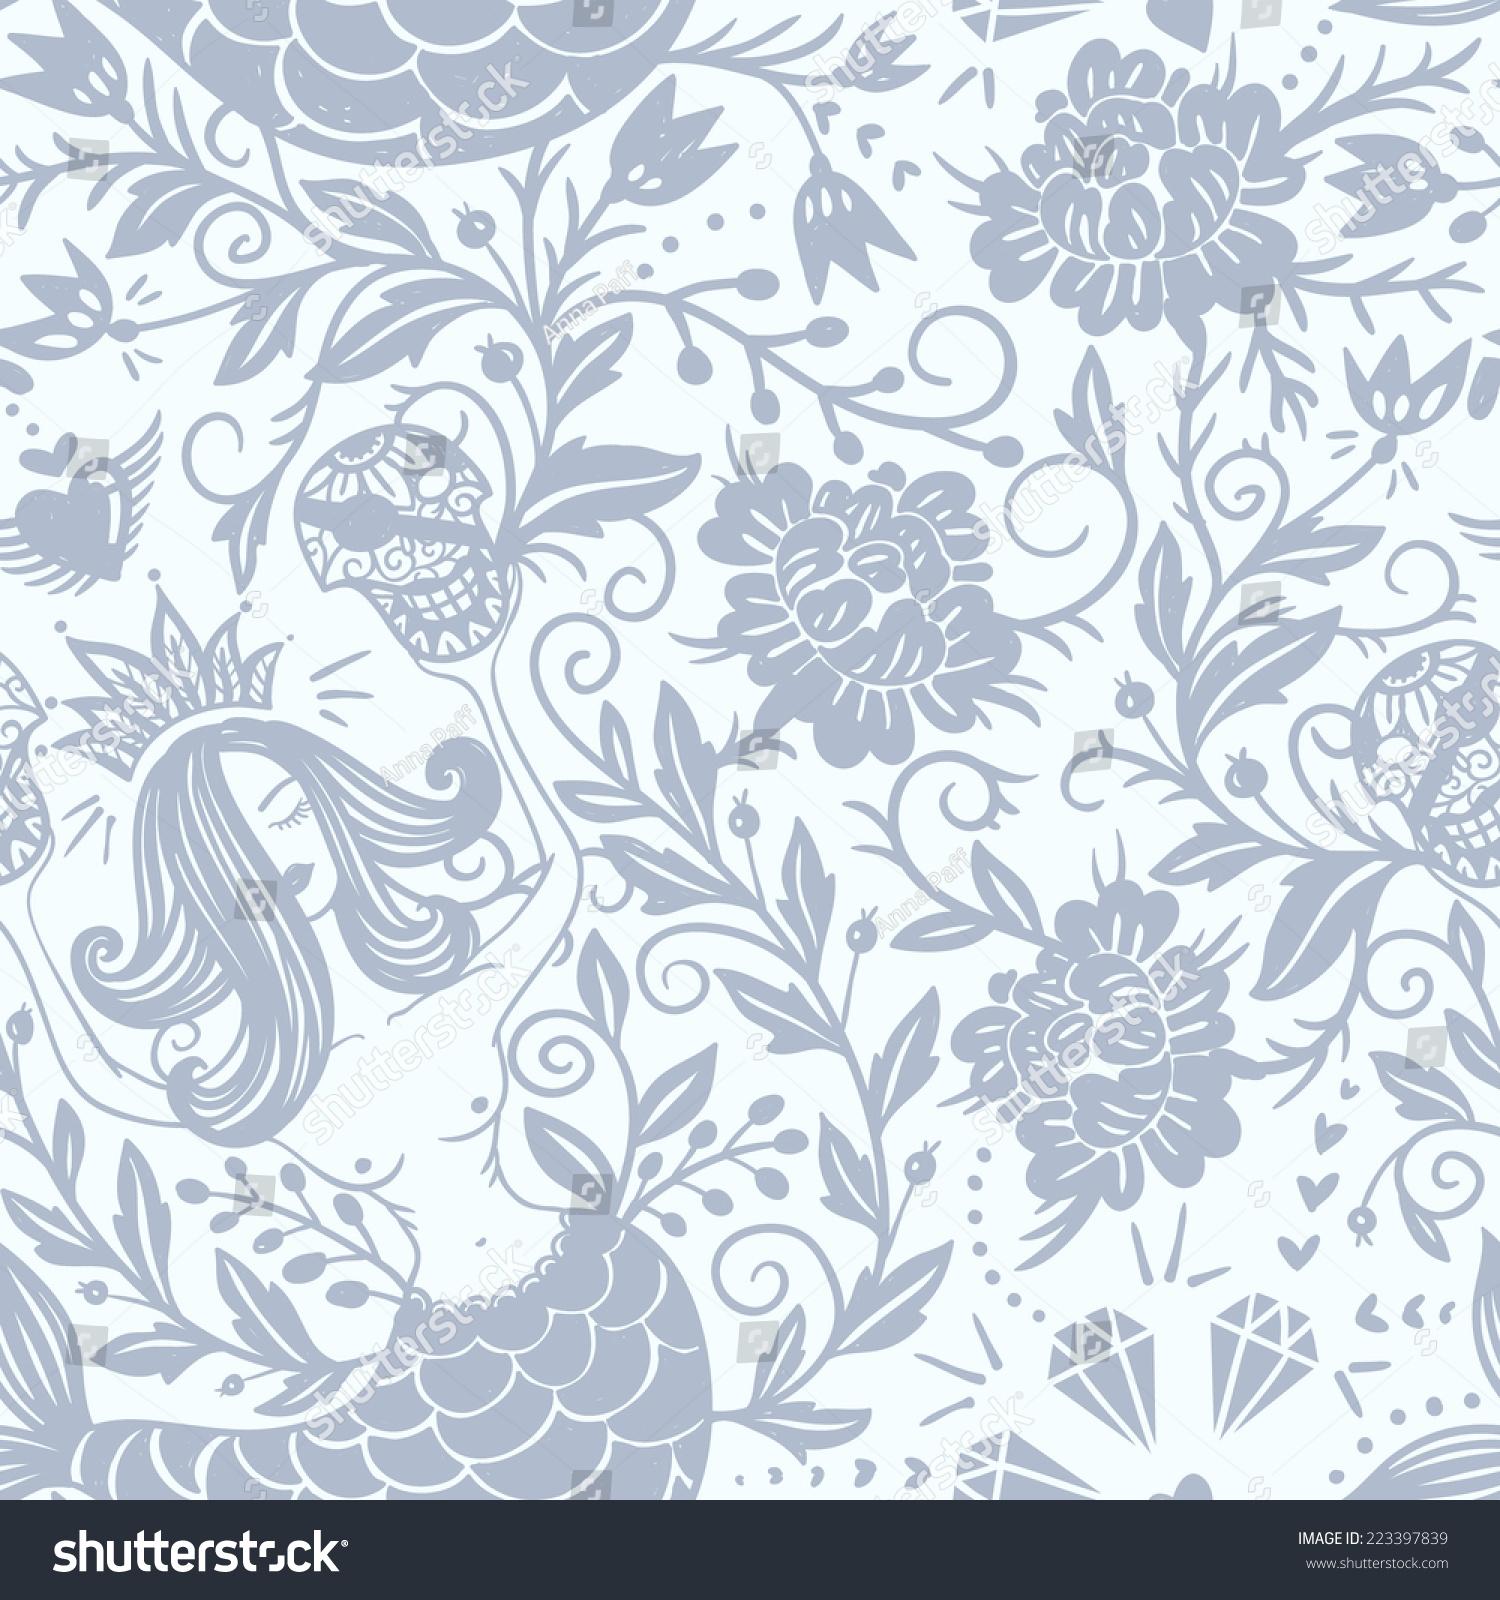 向量无缝模式用鲜花和美人鱼-背景/素材,复古风格-()